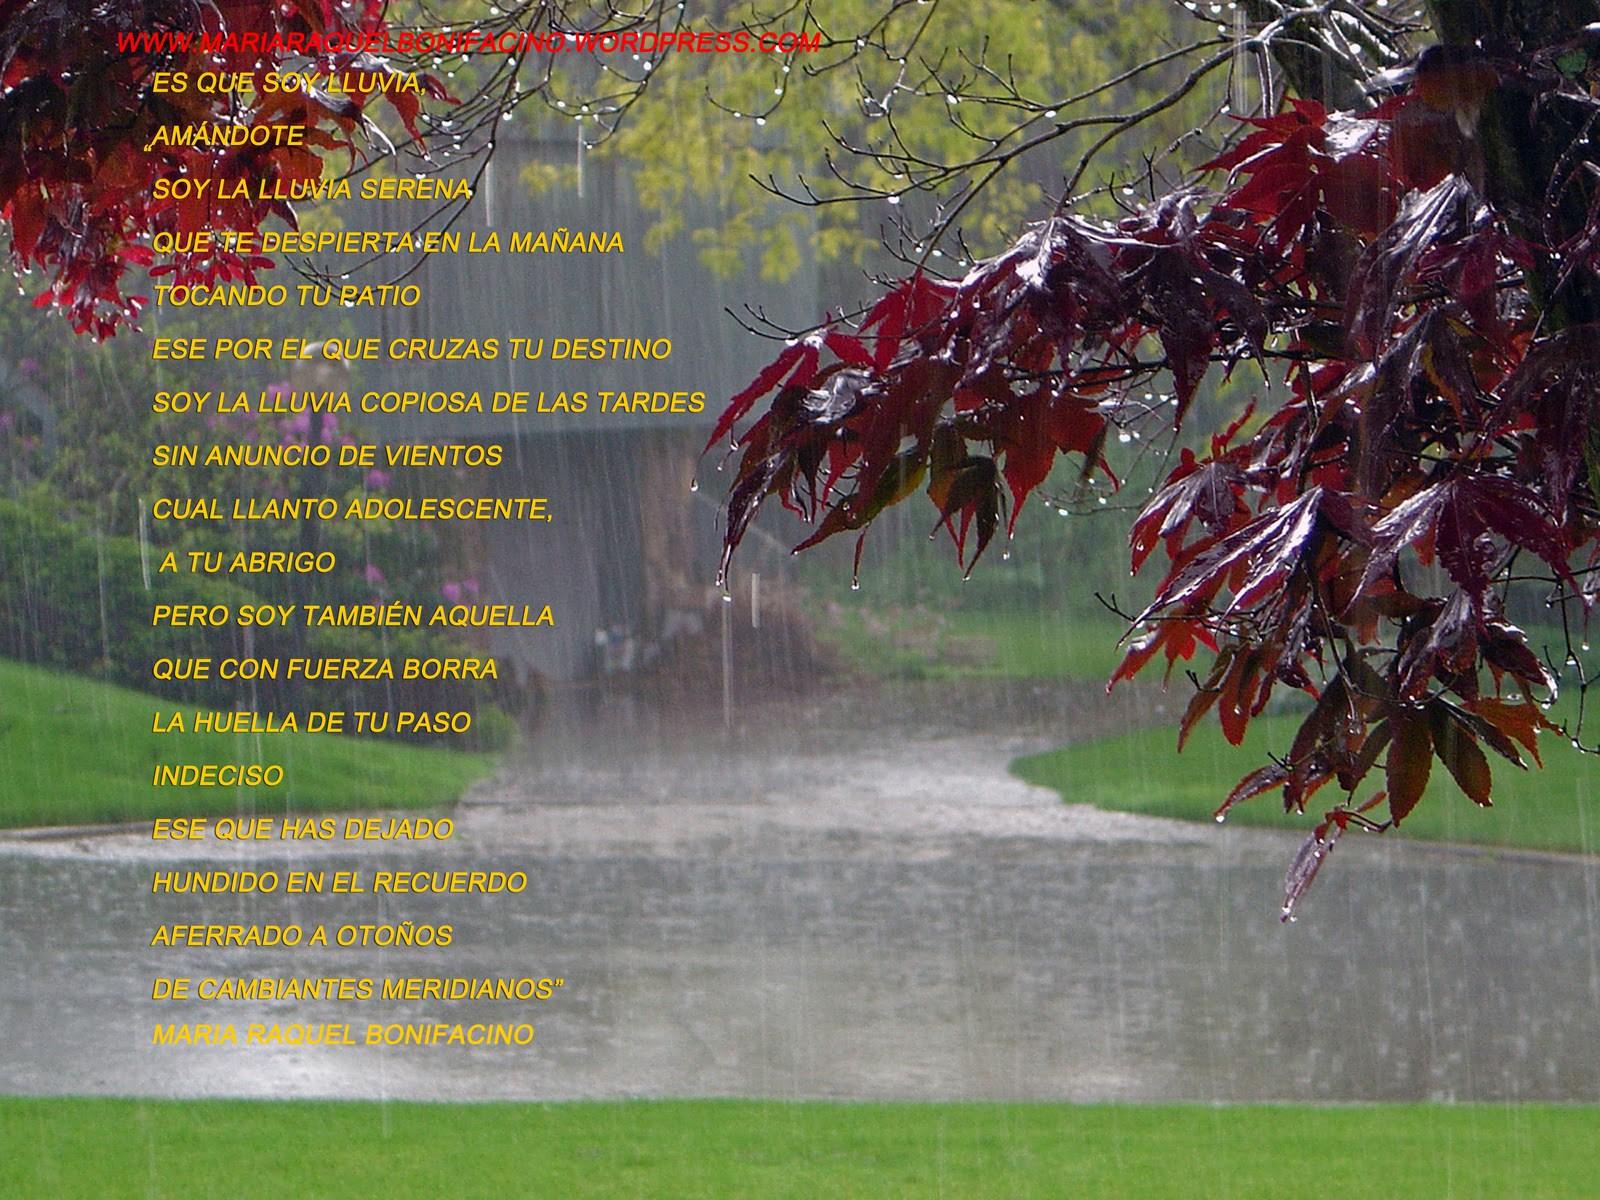 ===La lluvia y Yo=== Es-que-soy-lluvia-copiar